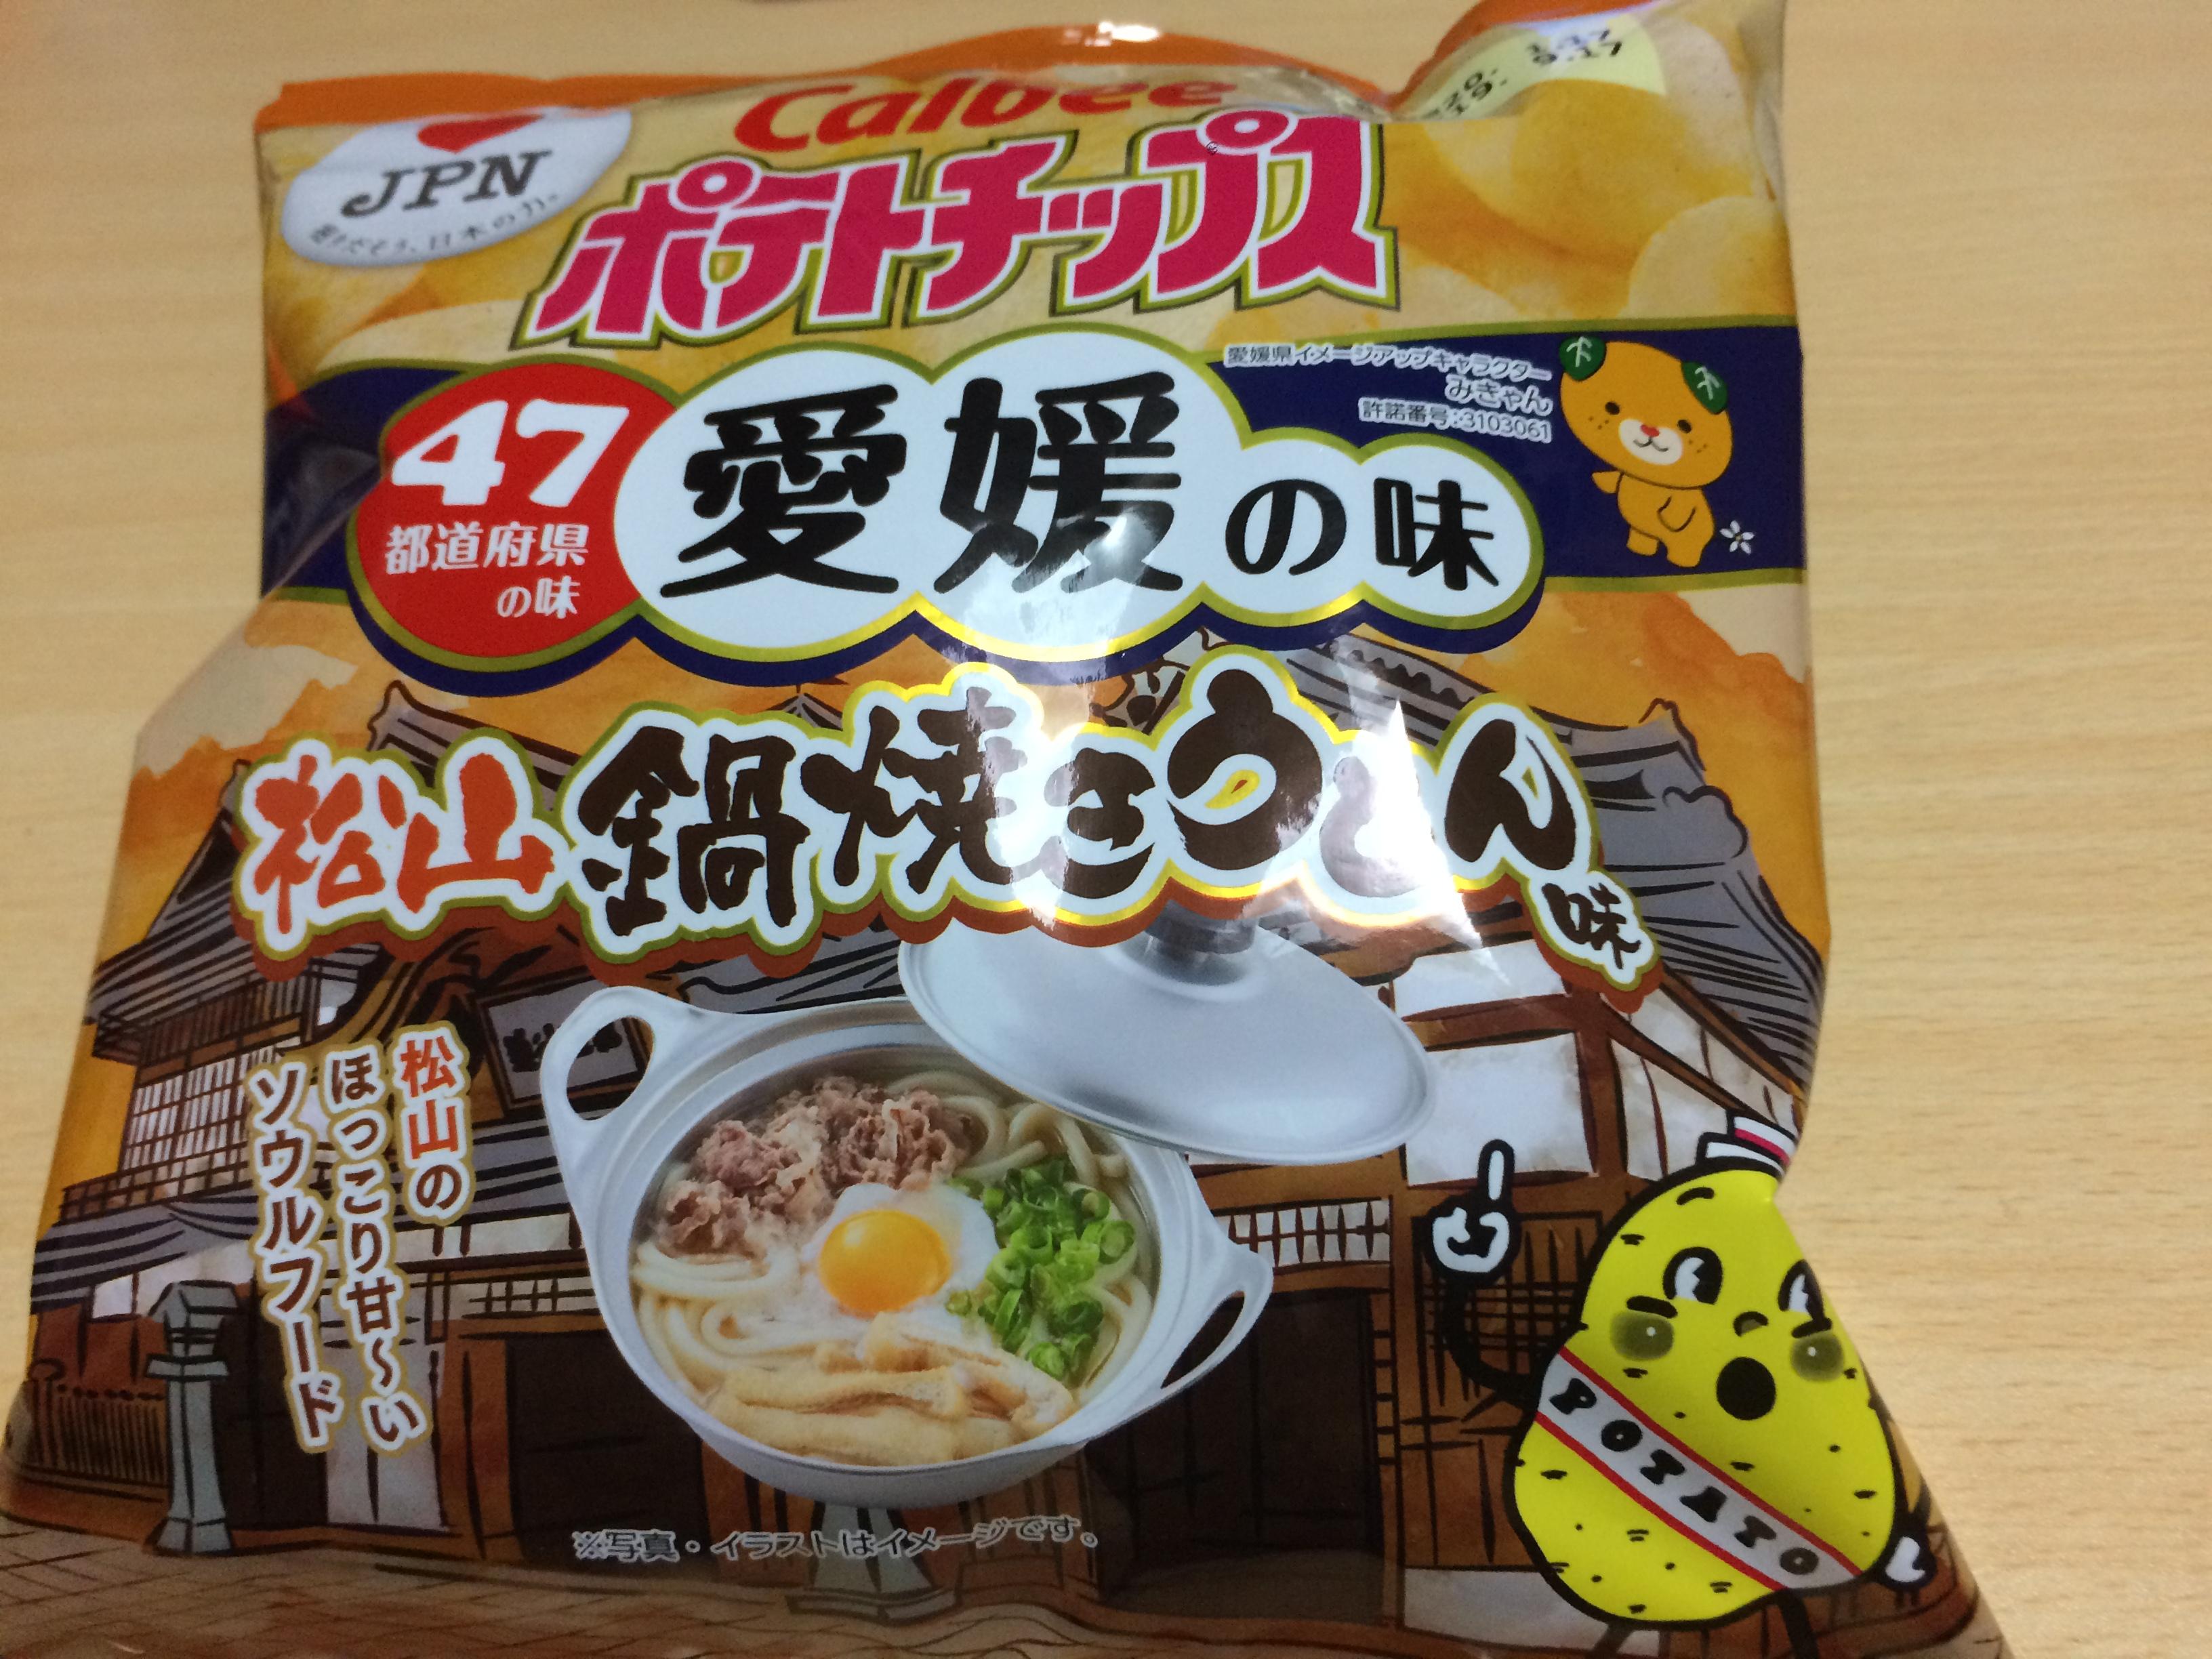 カルビーポテトチップスの47都道府県の味!「愛媛の味 松山鍋焼きうどん味」を食べてみたよ!